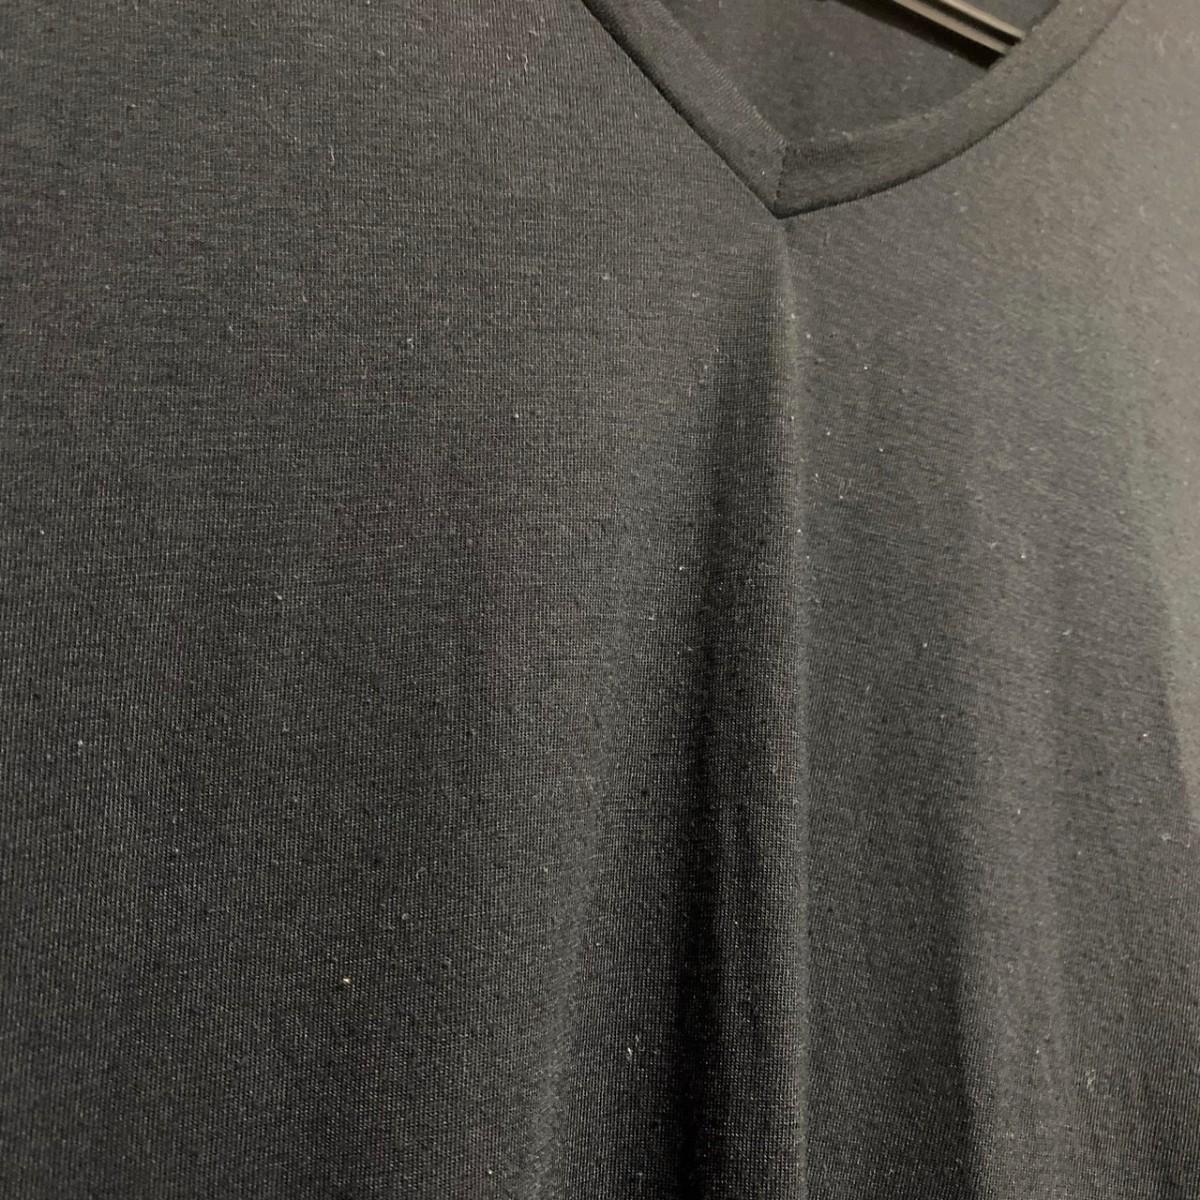 GU ジーユー トップス カットソー チュニック Tシャツ M 黒 ノースリーブ